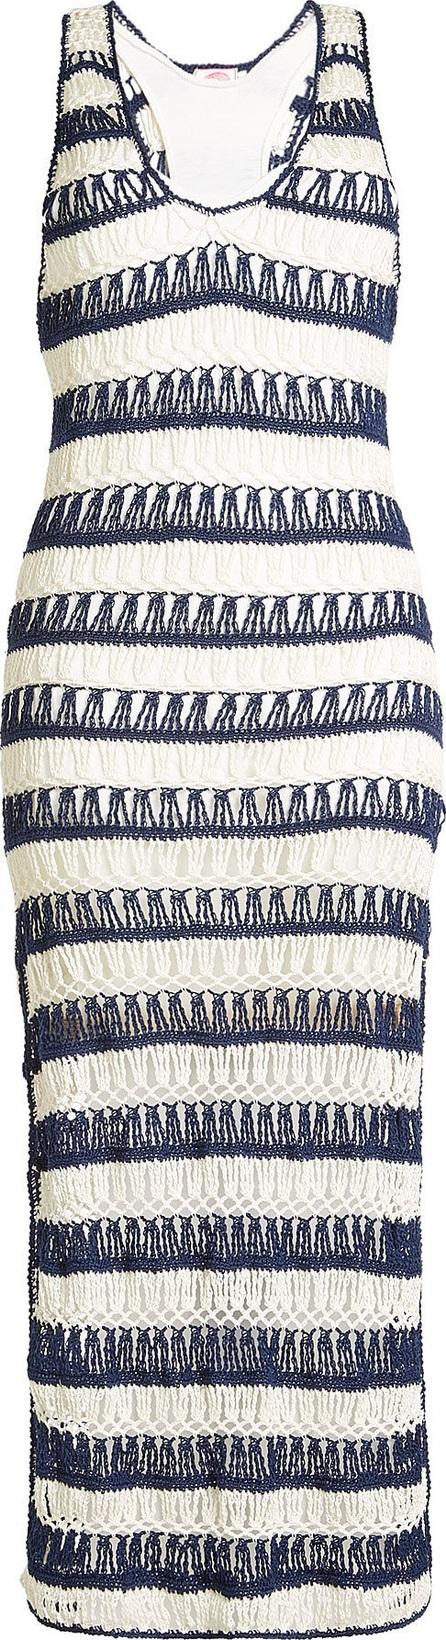 anna-kosturova-knit-maxi-dress-s.jpg